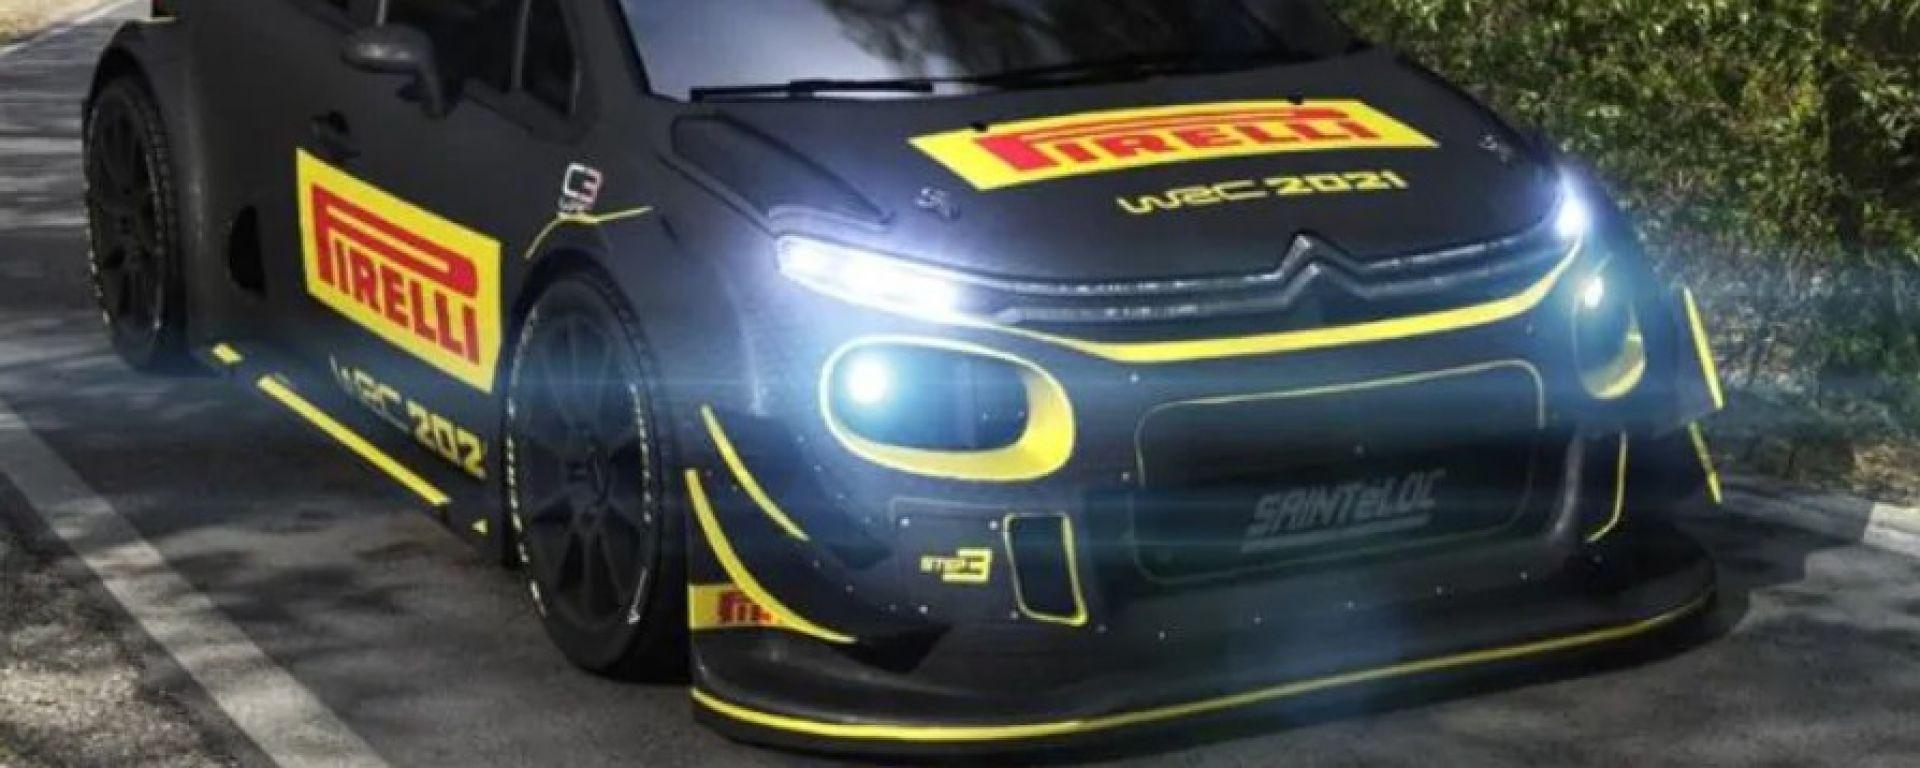 Test Pirelli Citroen